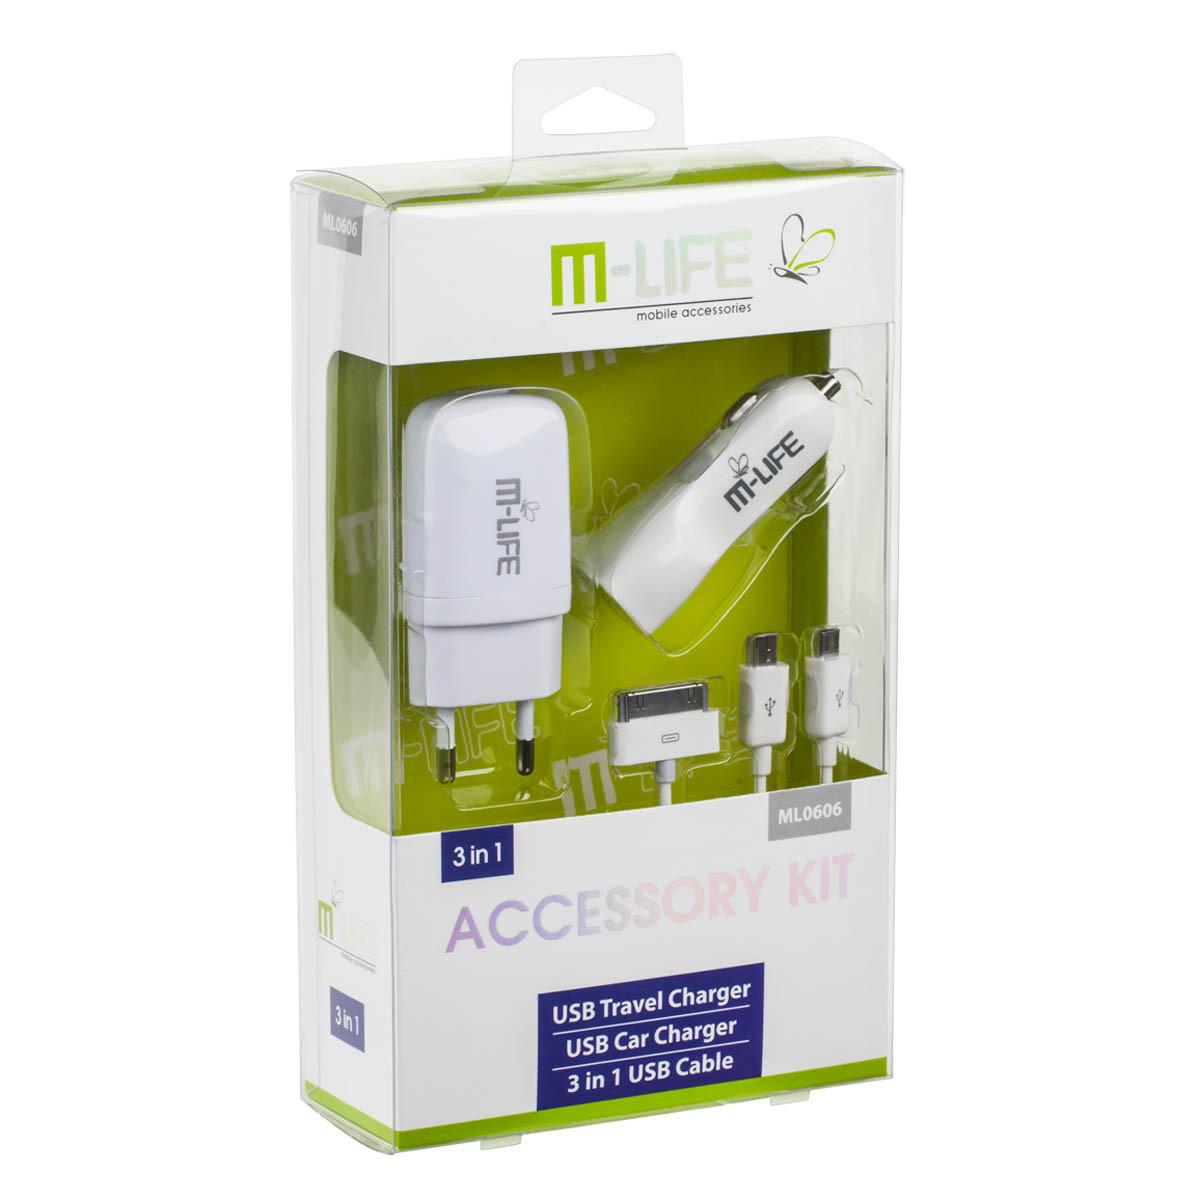 Набір: автомобільний зарядний пристрій, USB-зарядний пристрій, кабель M-Life (ML0606) авто-1A; мережа-2,1/1A